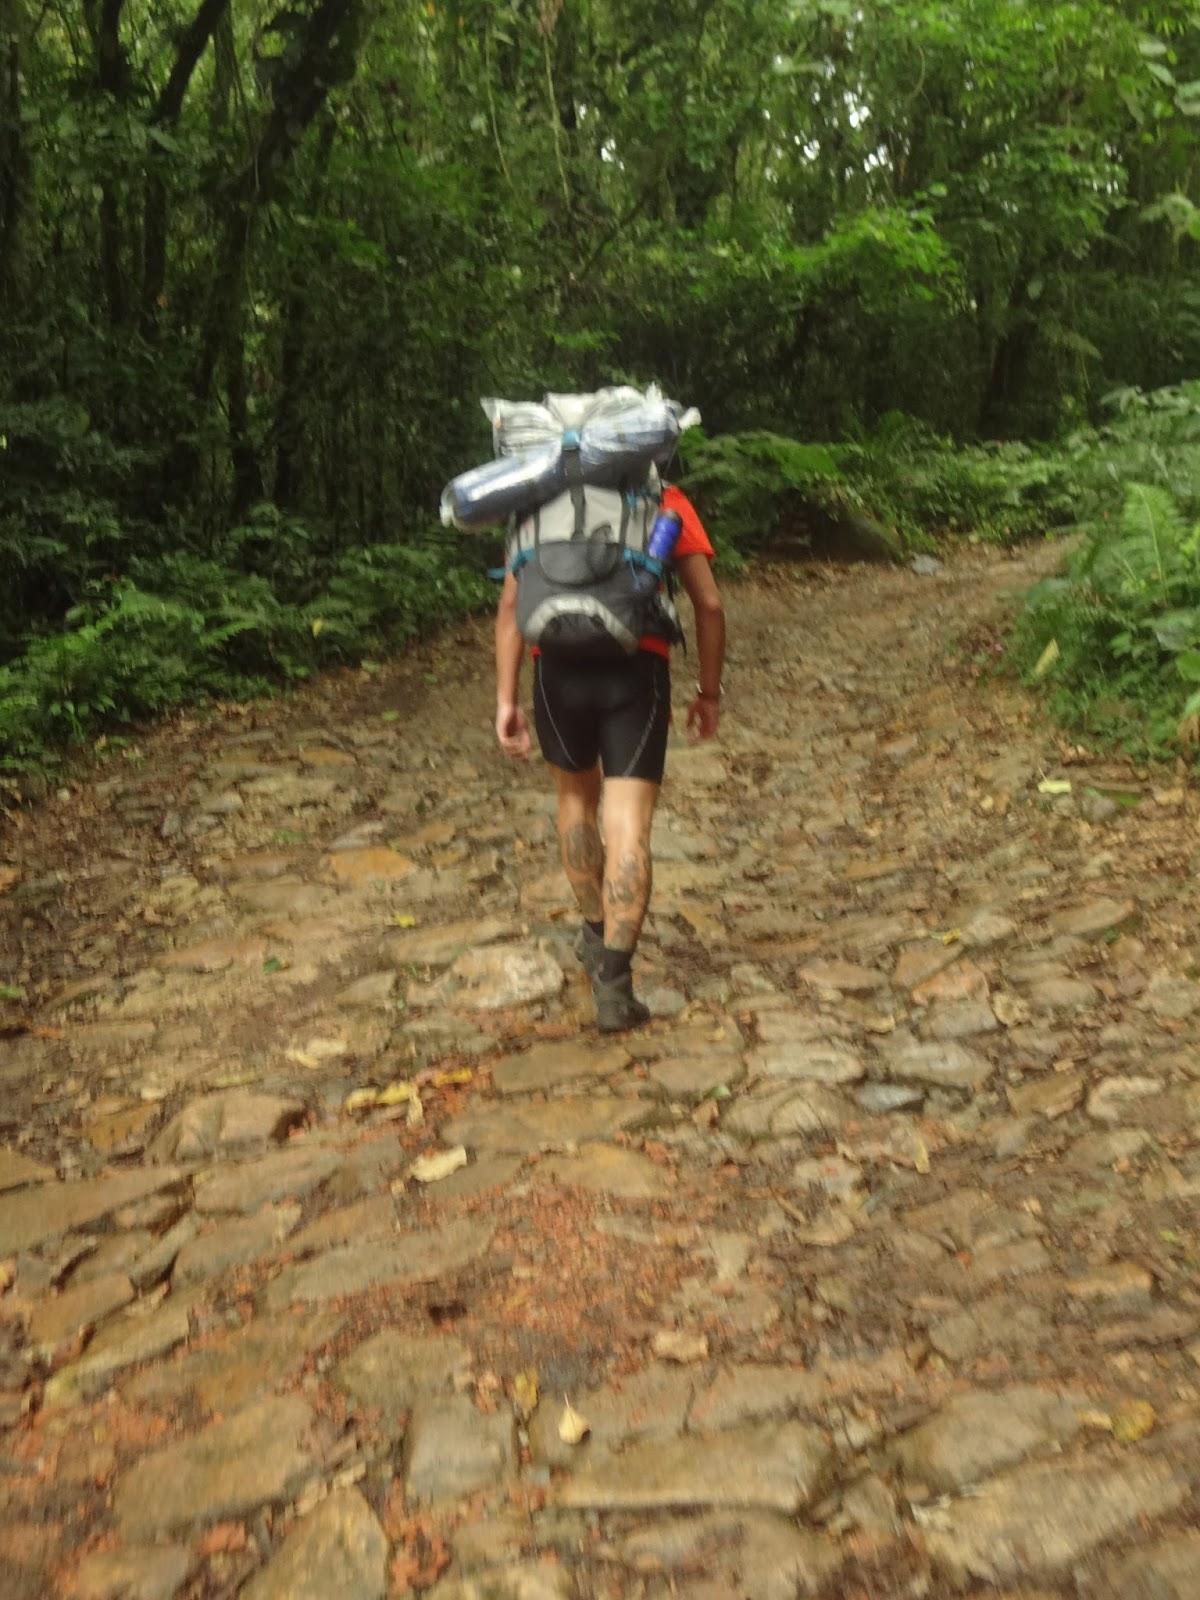 """Subimos carregados - Subindo a trilha para Camping Marumbi - Coluna DE ROLÊ – 7 dicas para camping no Marumbi por um viajante de experiência """"mediana-pra-boa"""" – por THIAGO GAVA"""